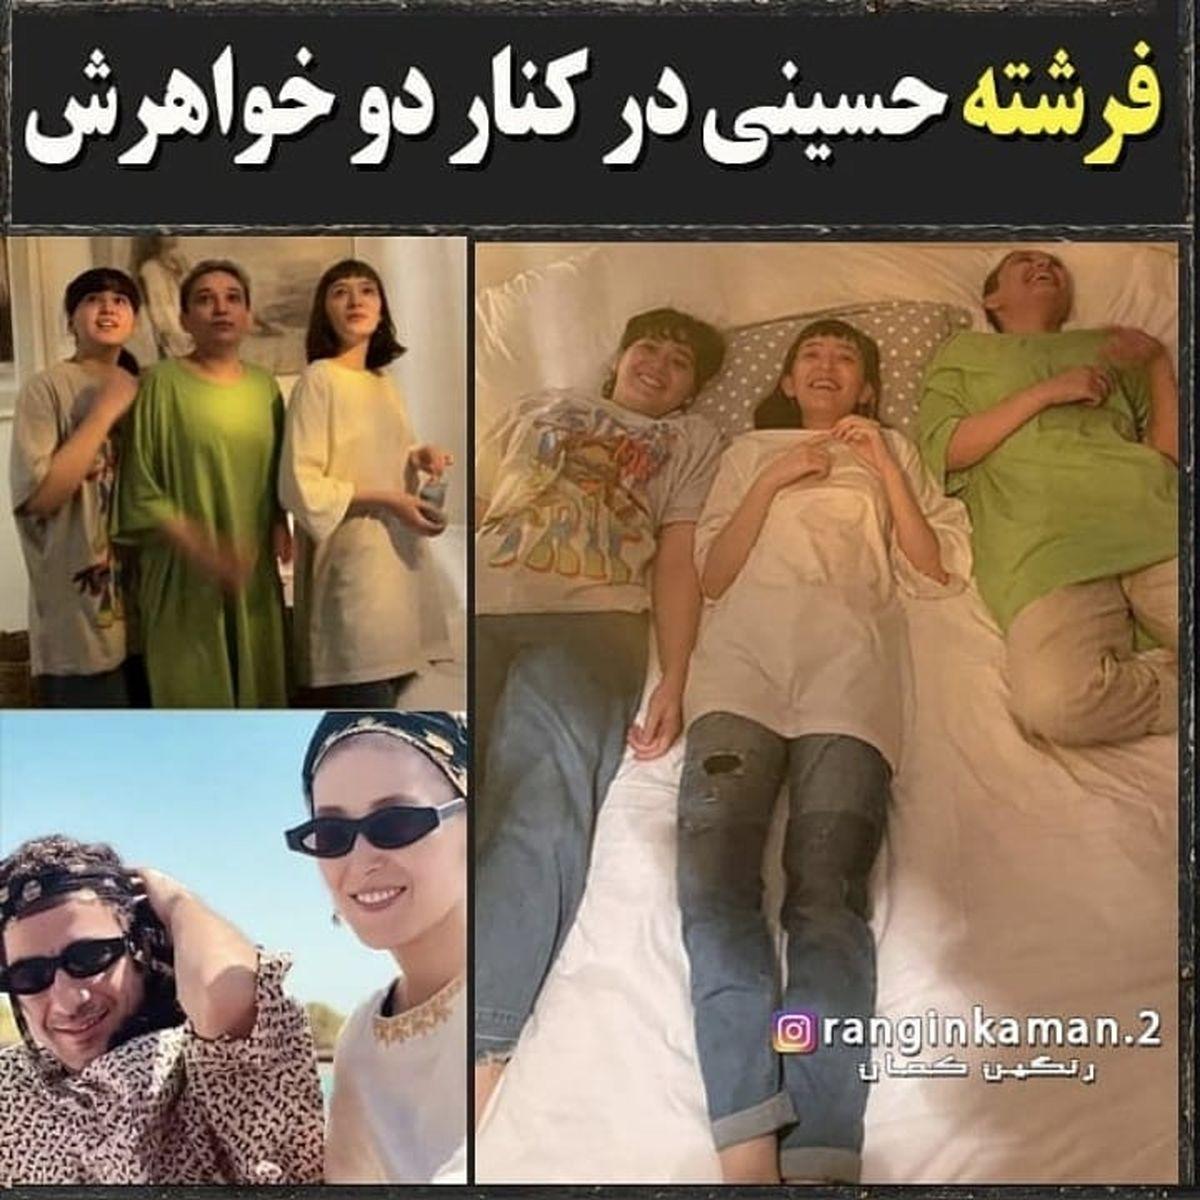 عکس بی حجاب و ناجور فرشته حسینی در کنار خواهرانش